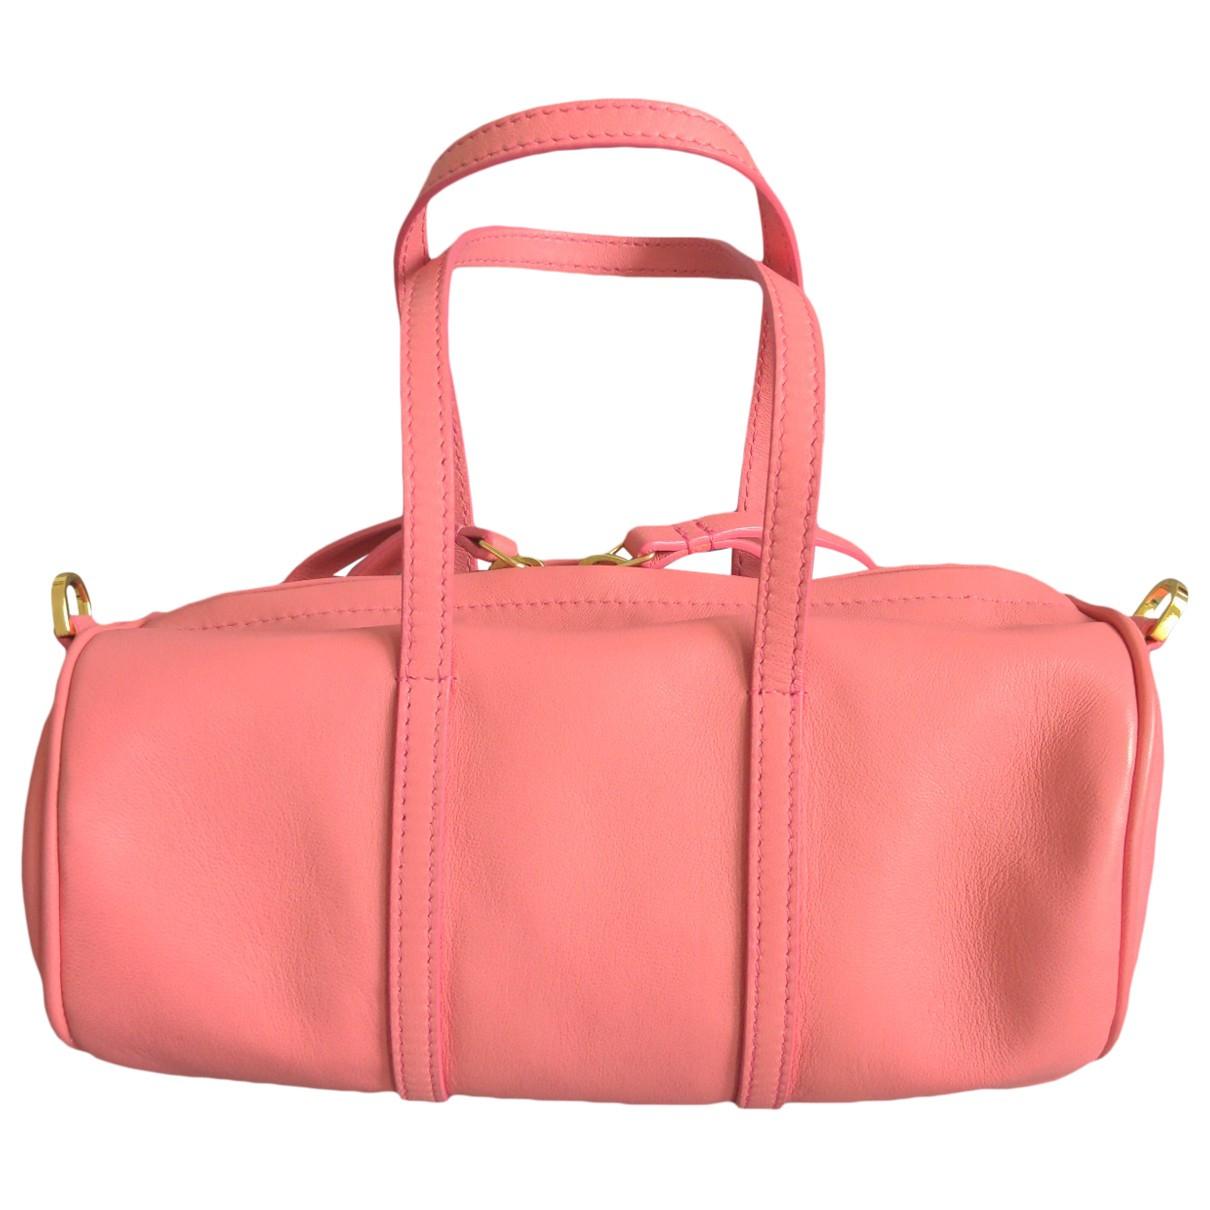 Mansur Gavriel \N Handtasche in  Rosa Leder